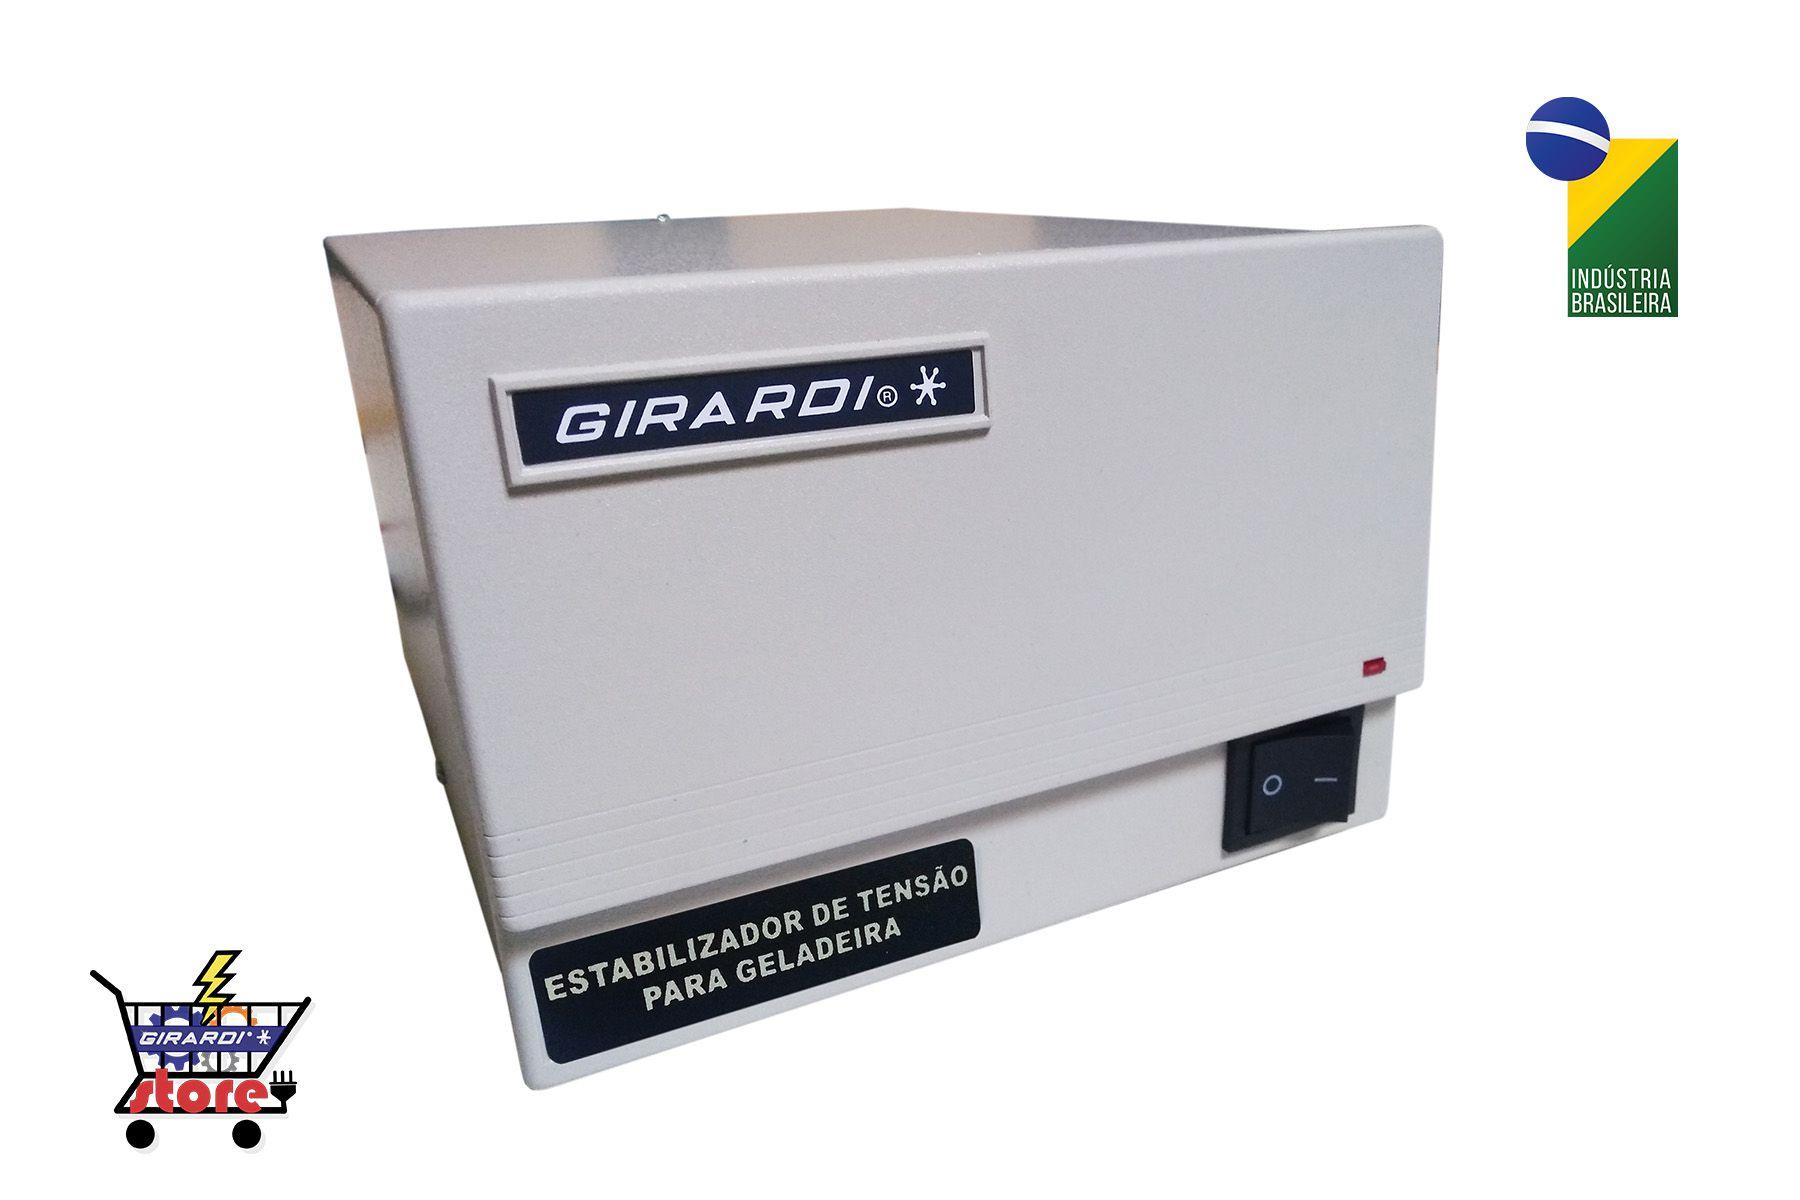 Protetor Eletrônico 1050 W Girardi AM 220 / 220 V